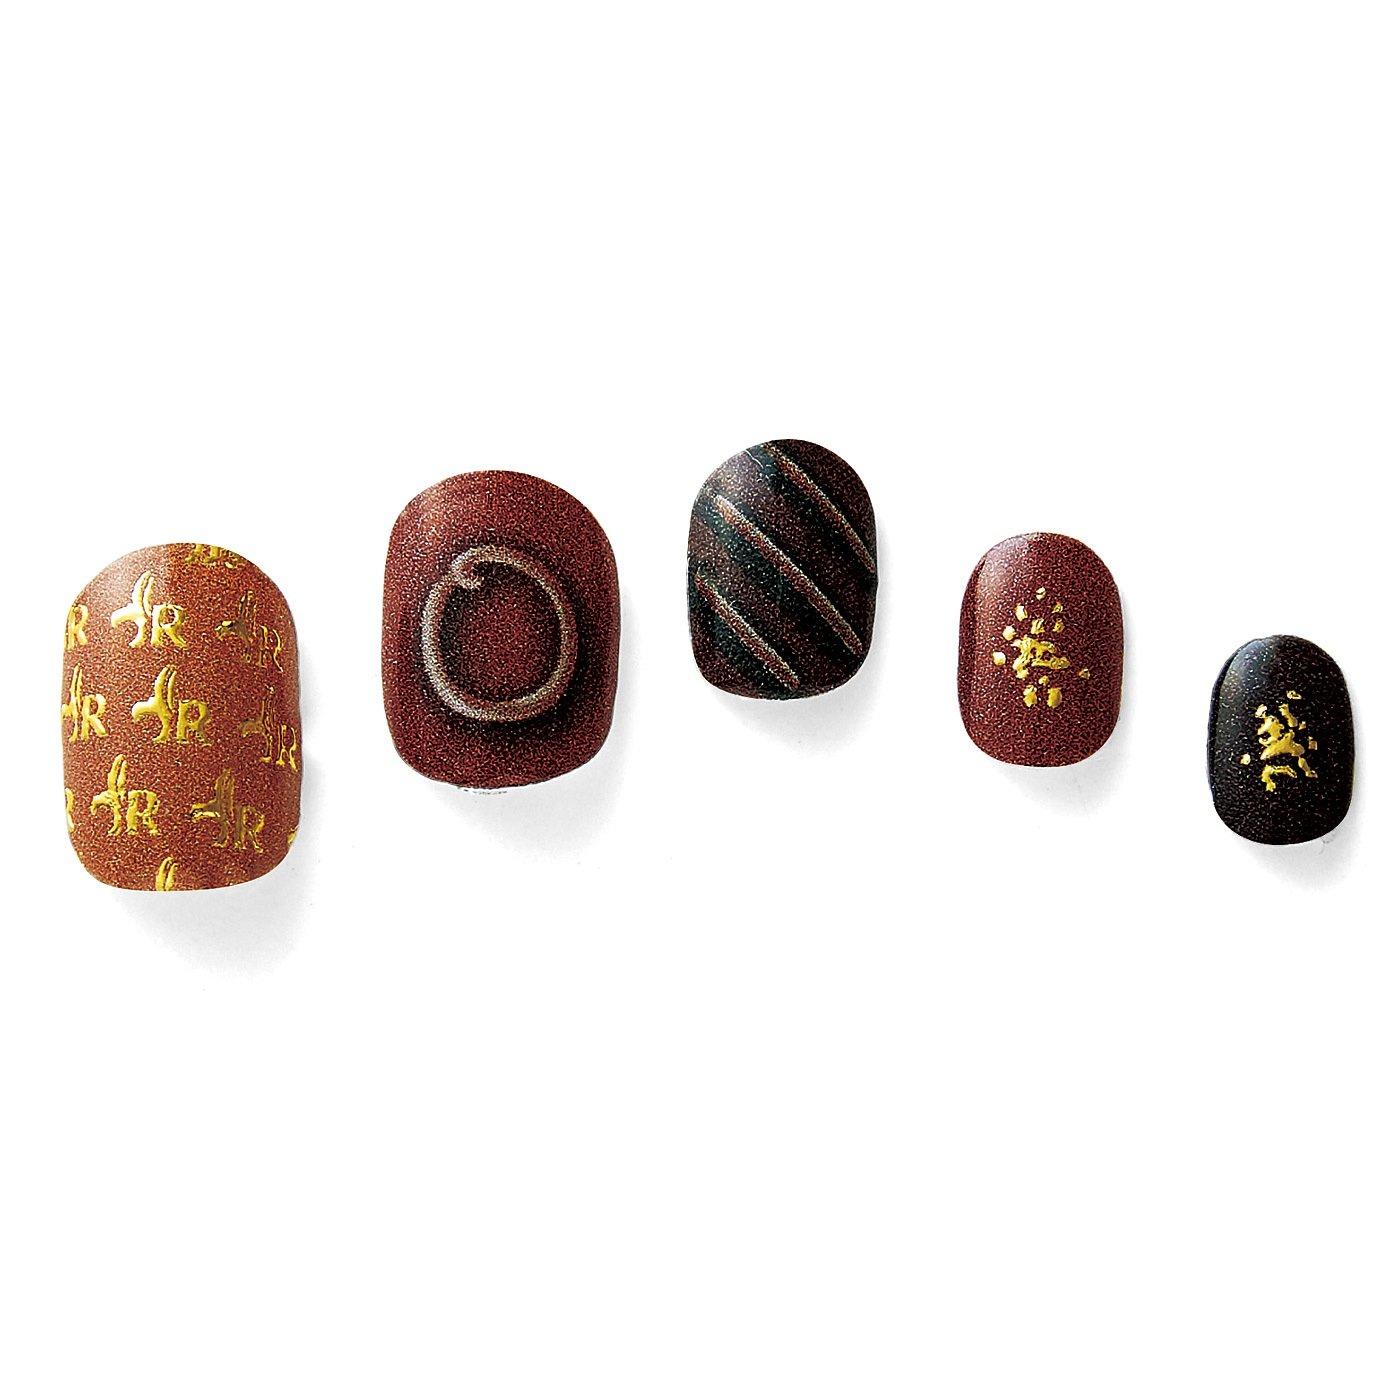 フェリシモ チョコレート ミュージアム 世界のショコラティエとコラボしたチョコ柄ネイルシールの会